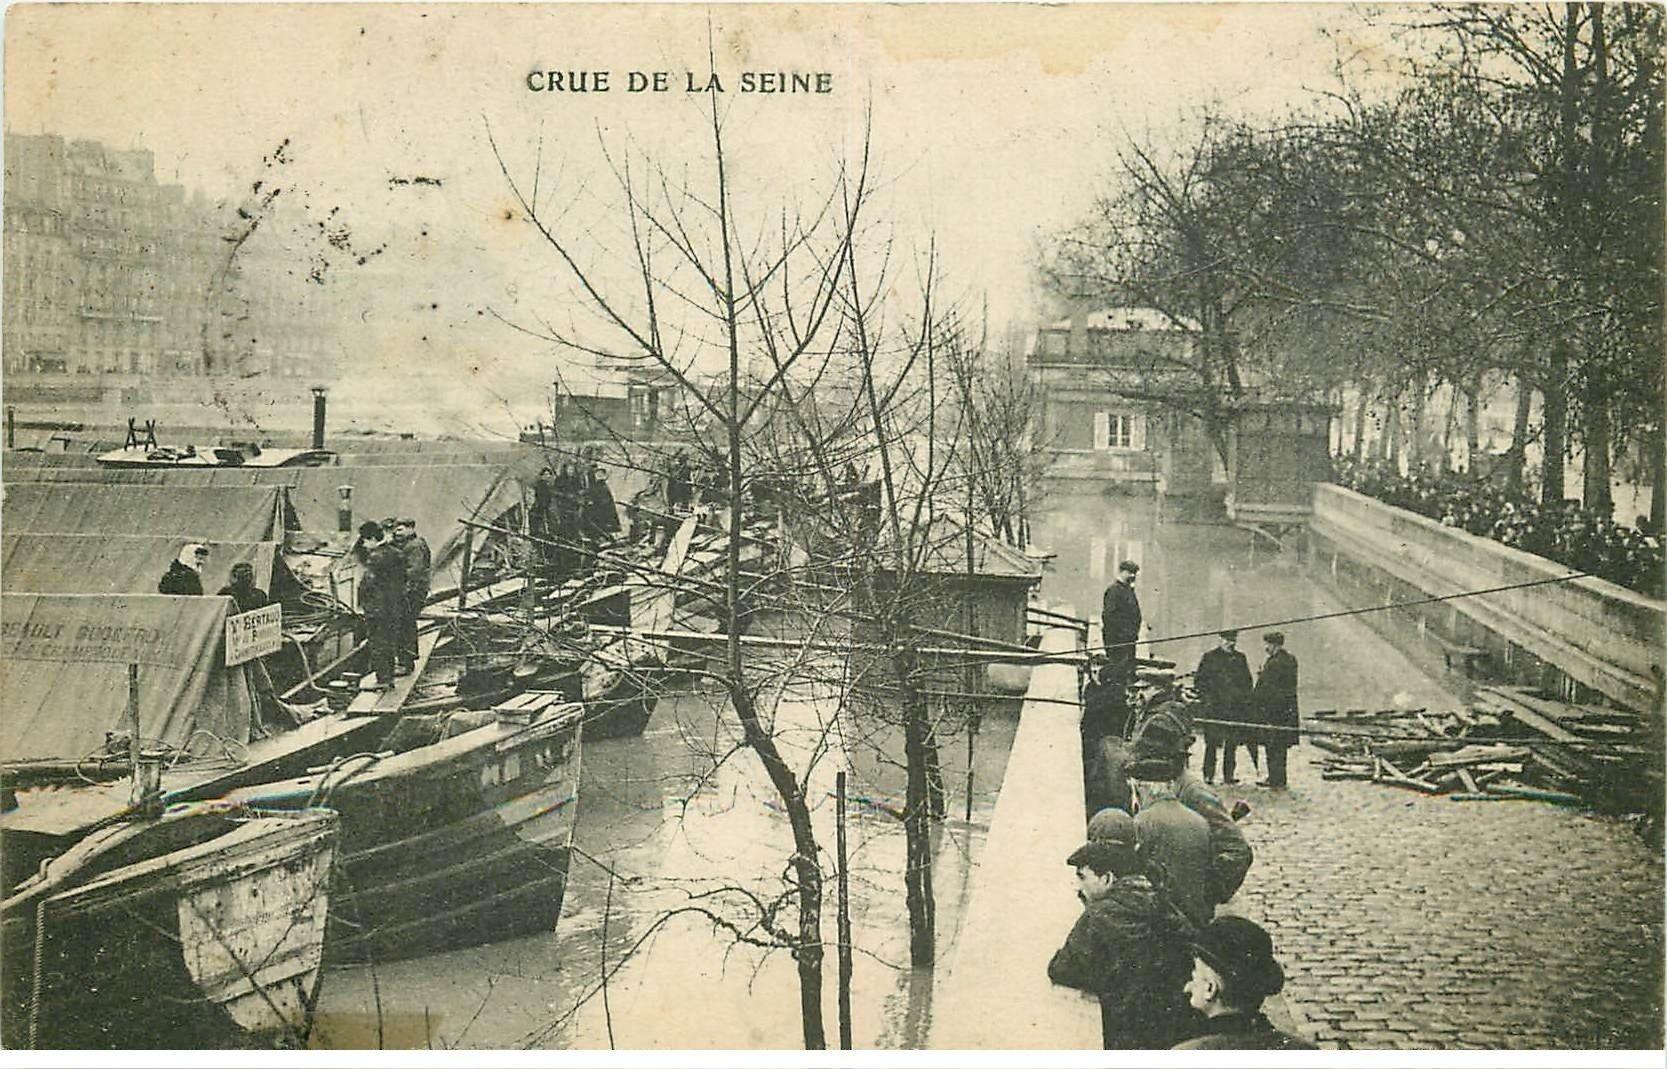 carte postale ancienne INONDATION ET CRUE PARIS 1910. Péniches sur la Seine